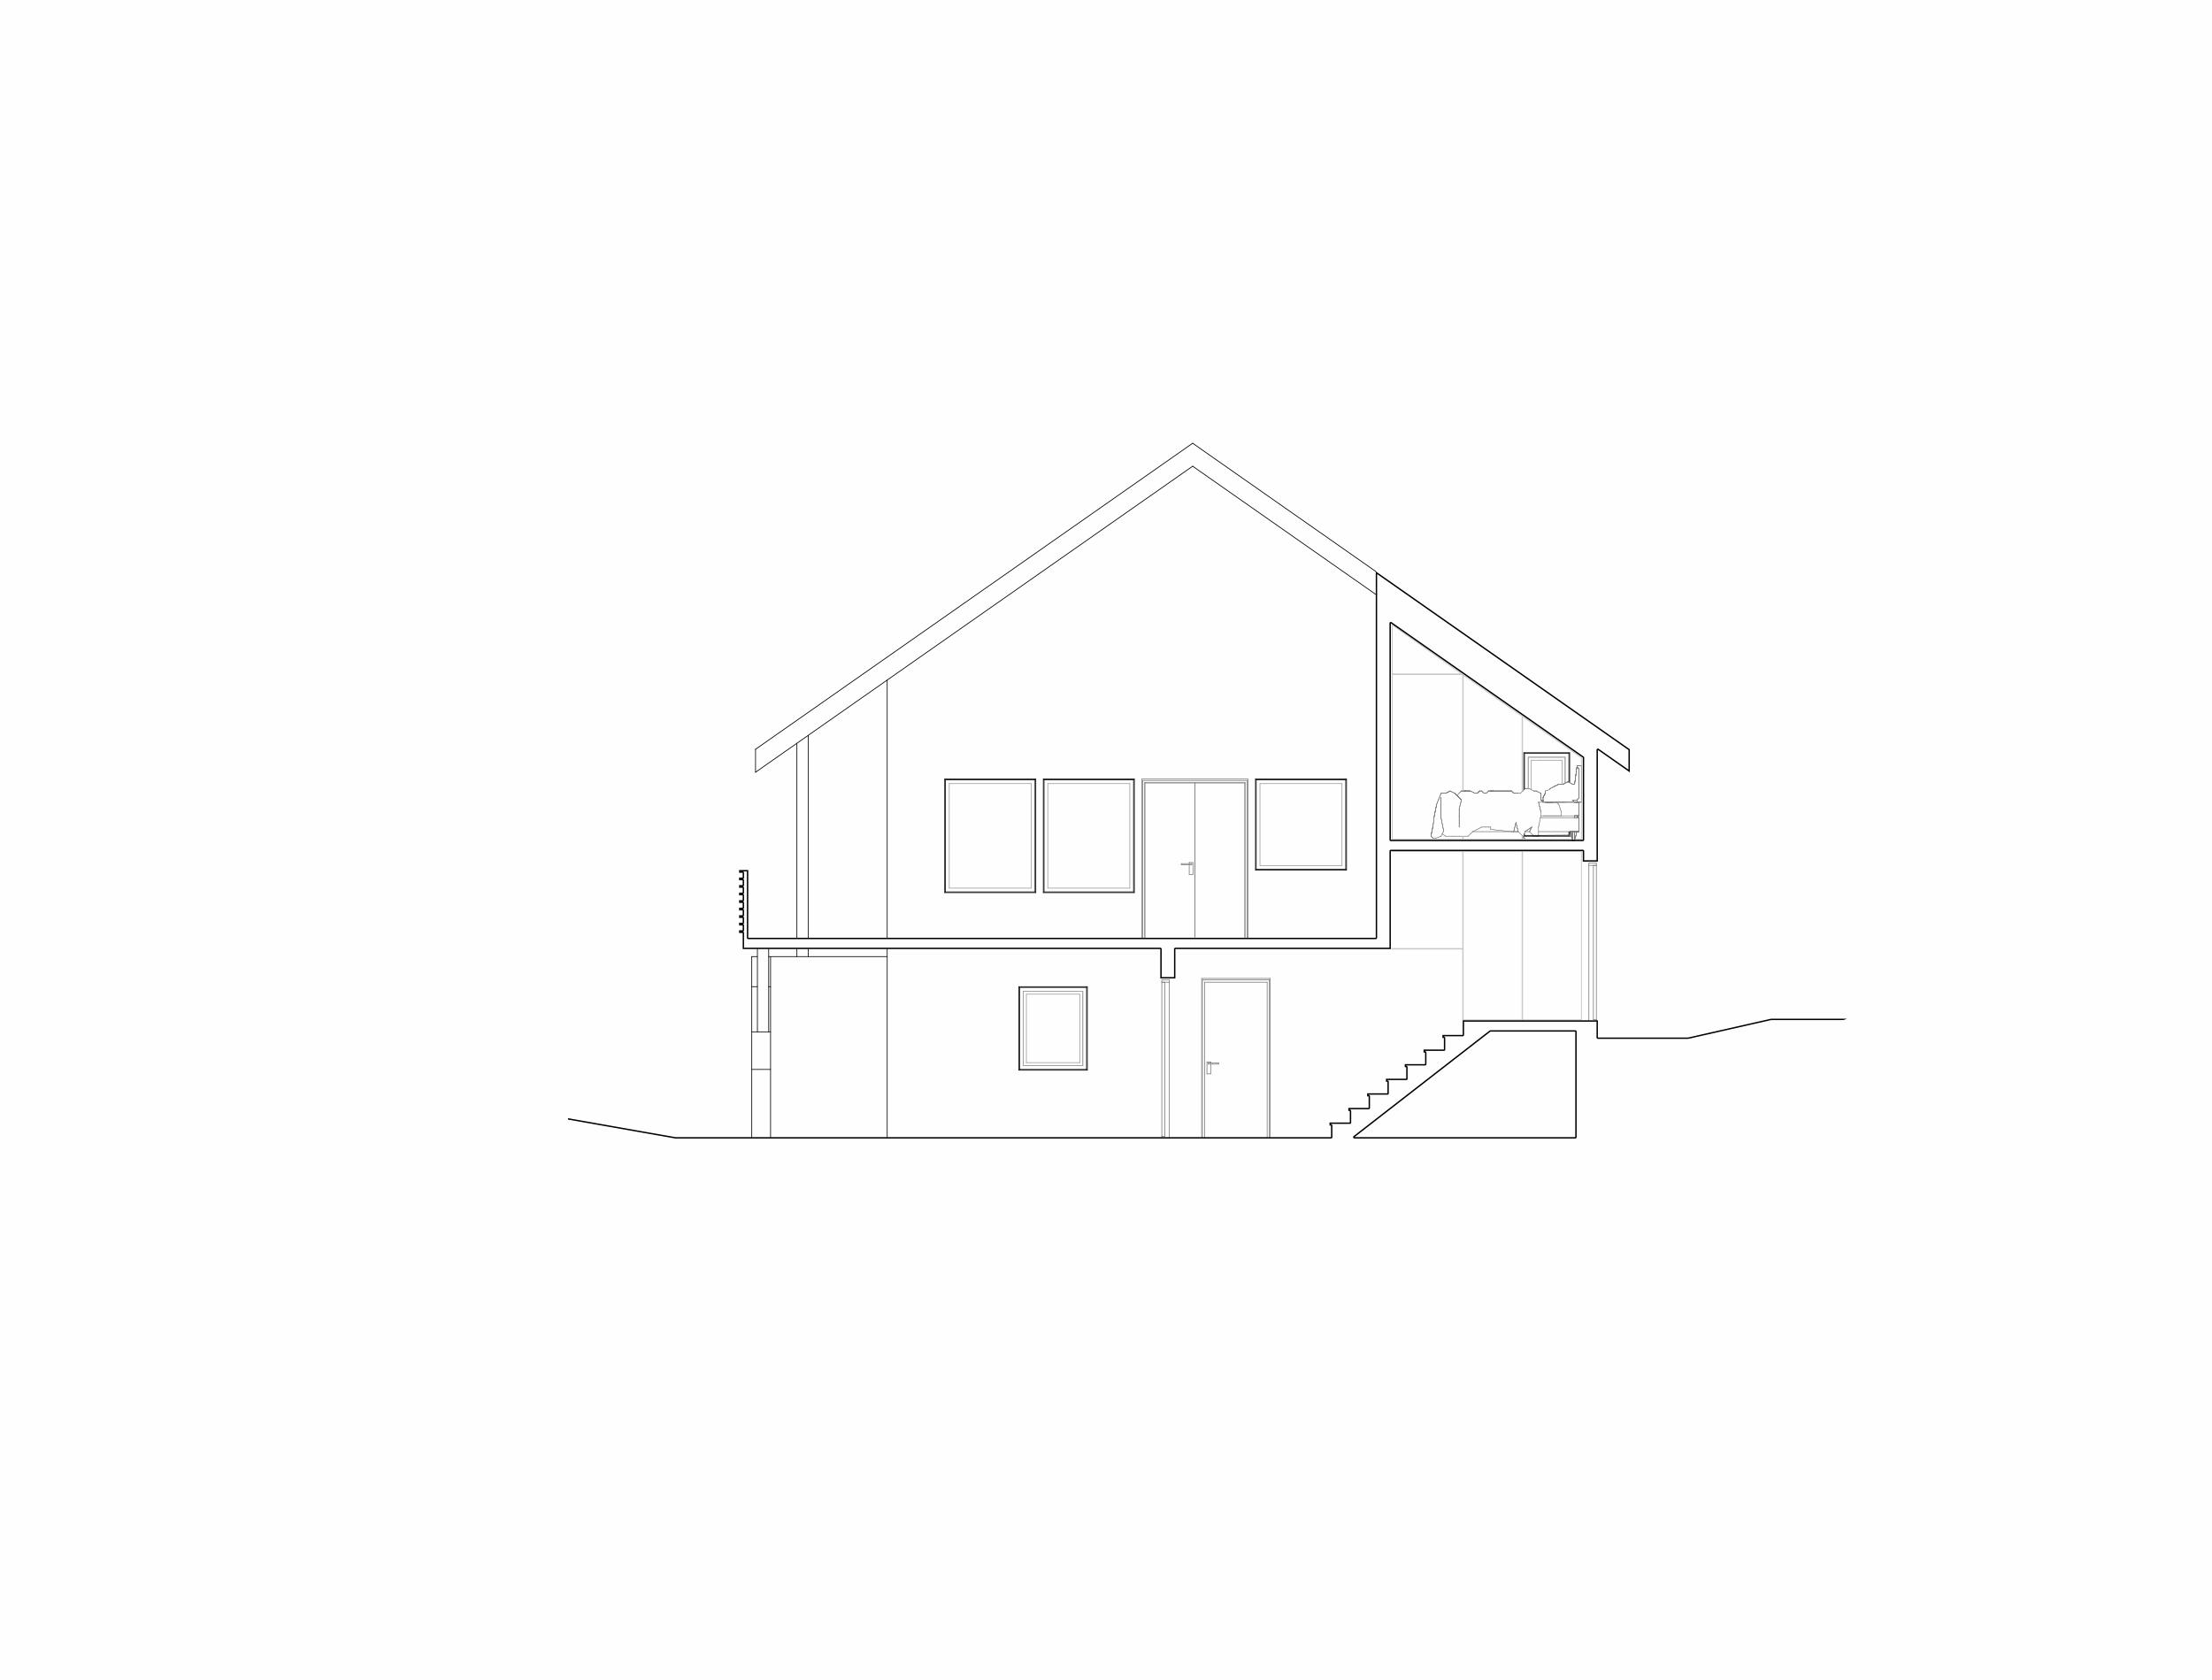 Forunderlig Arkitektur - 1603 - Snitt 02